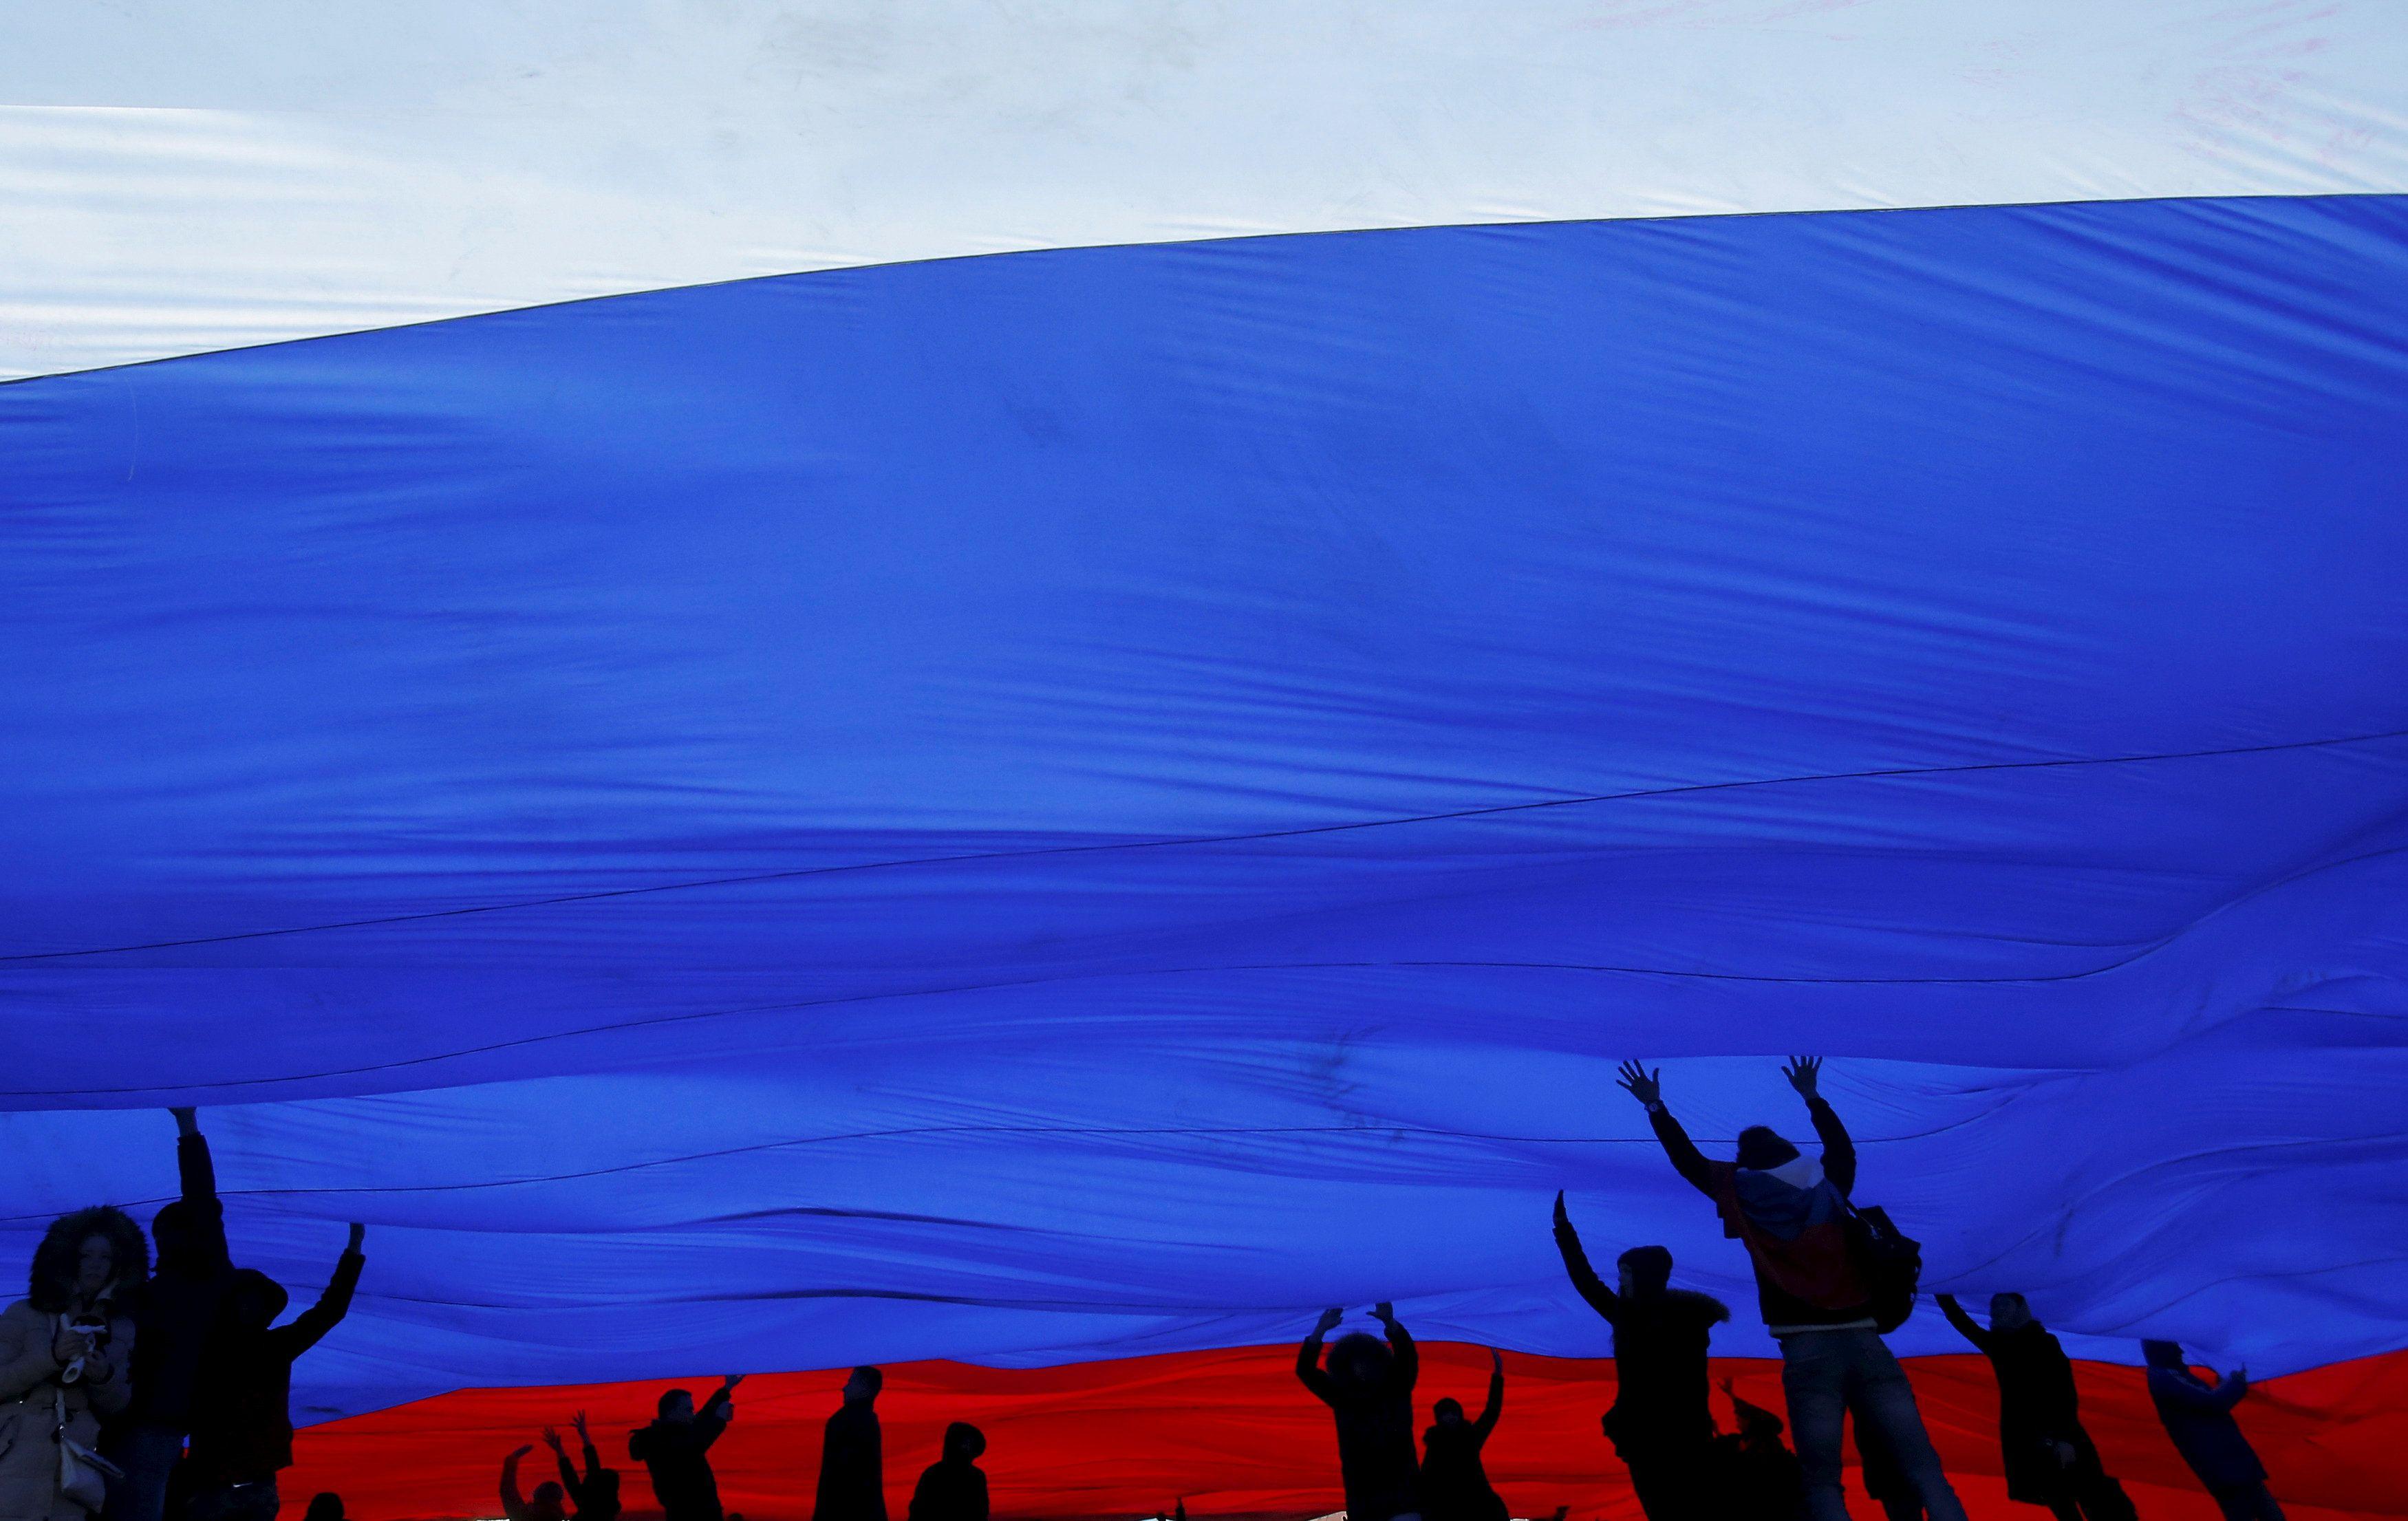 В РФ не может быть других задач, кроме одной — выжить, утверждает журналист